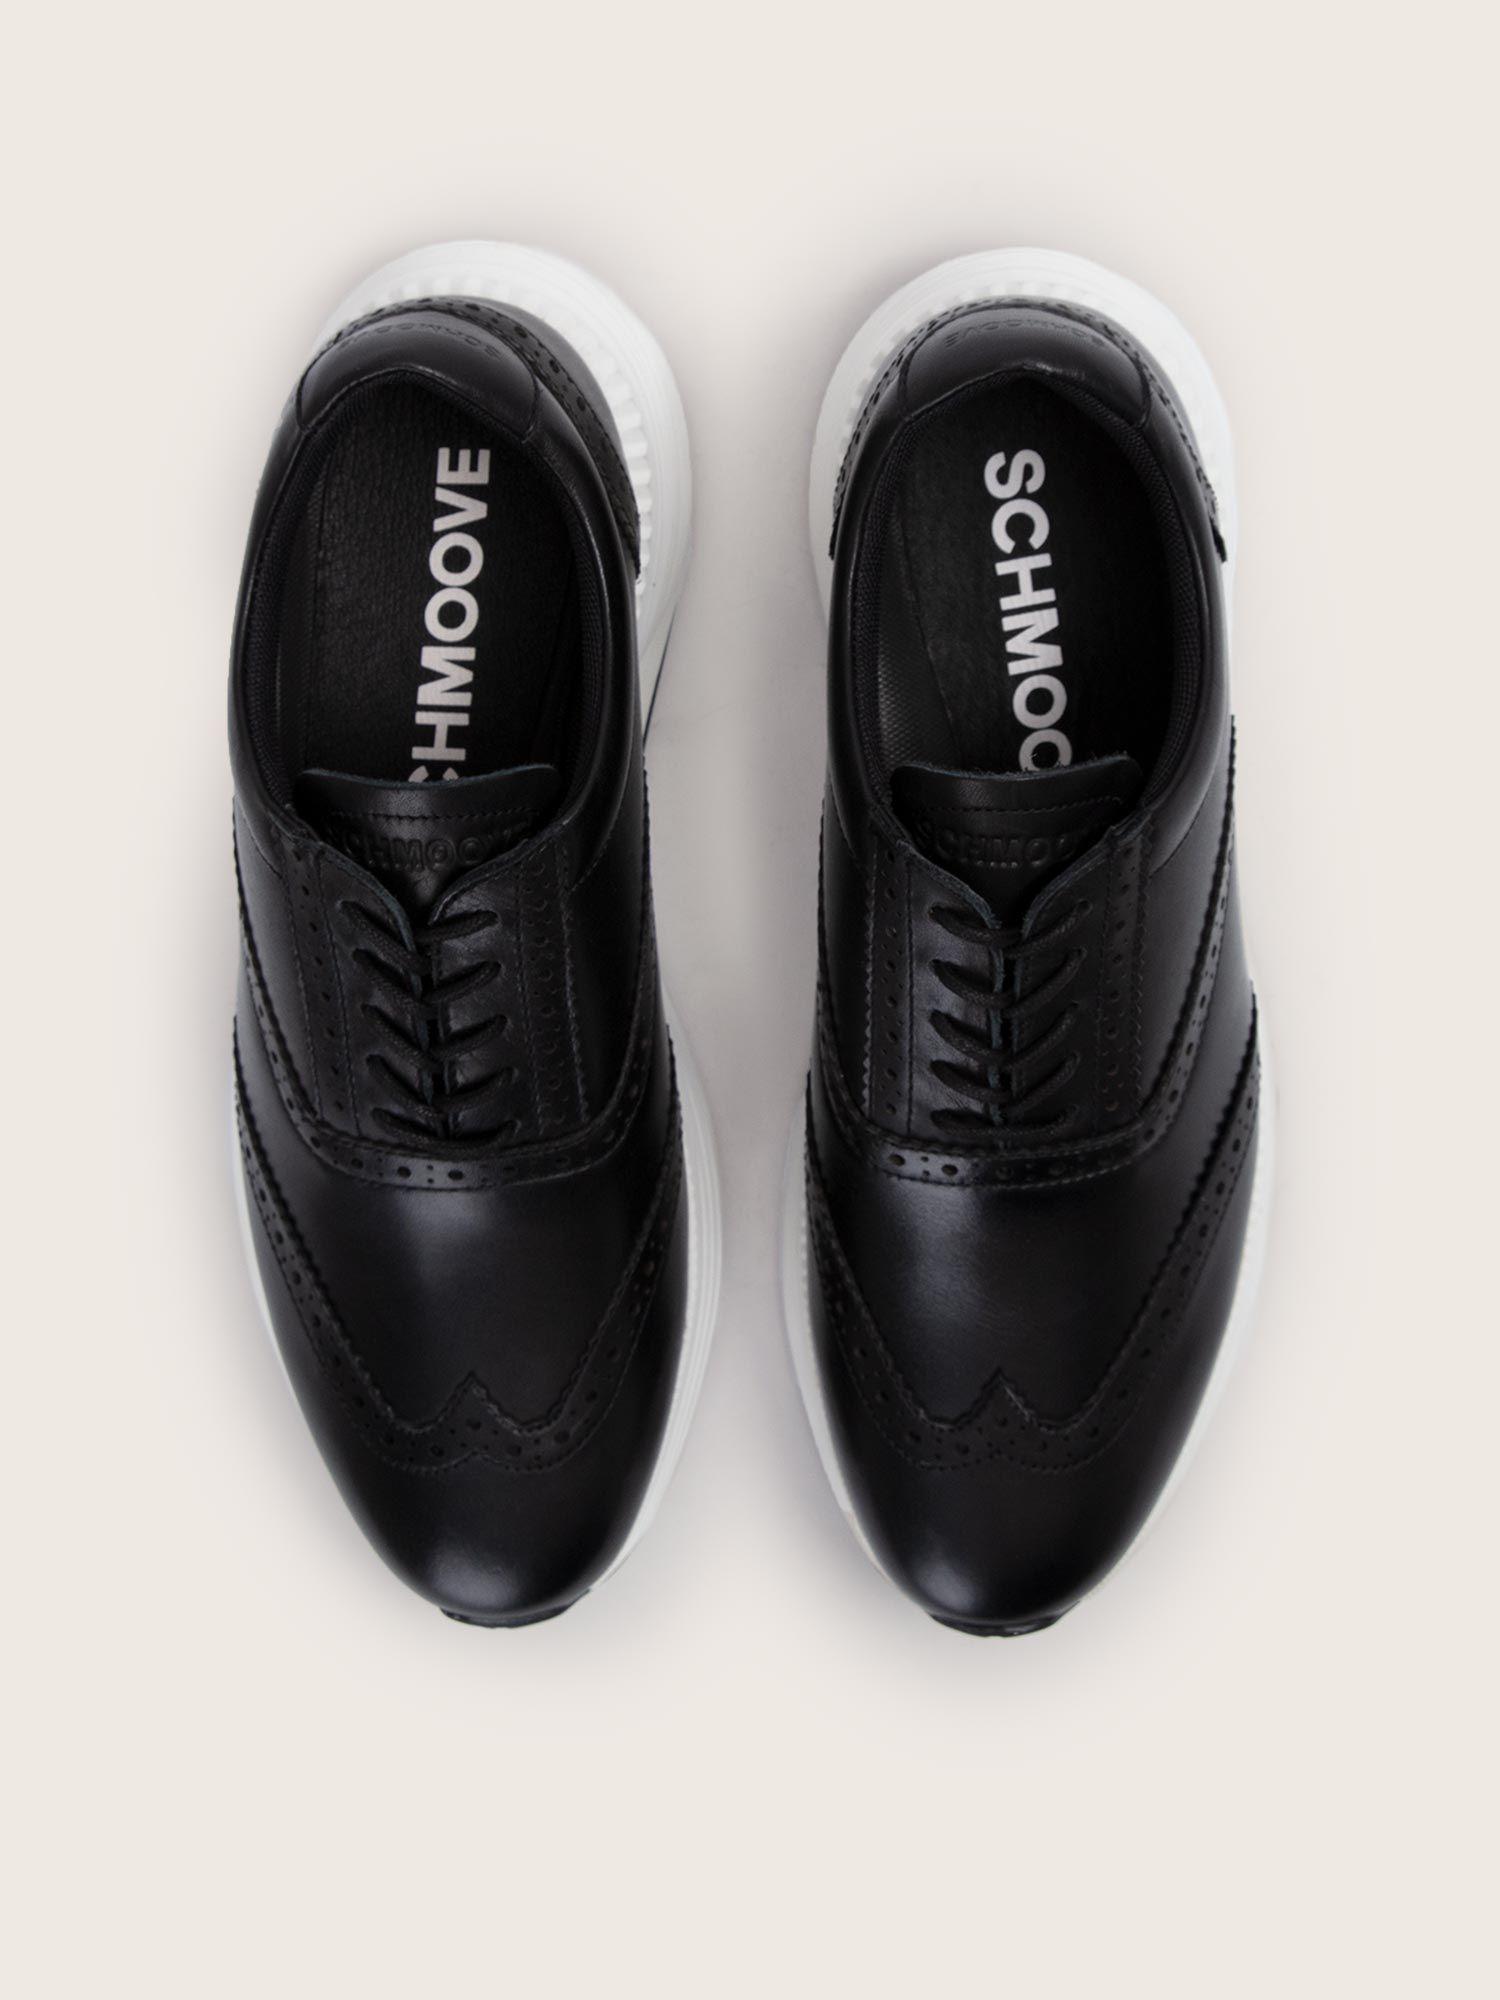 schmoove.fr Starter Perfos - Soft - Black